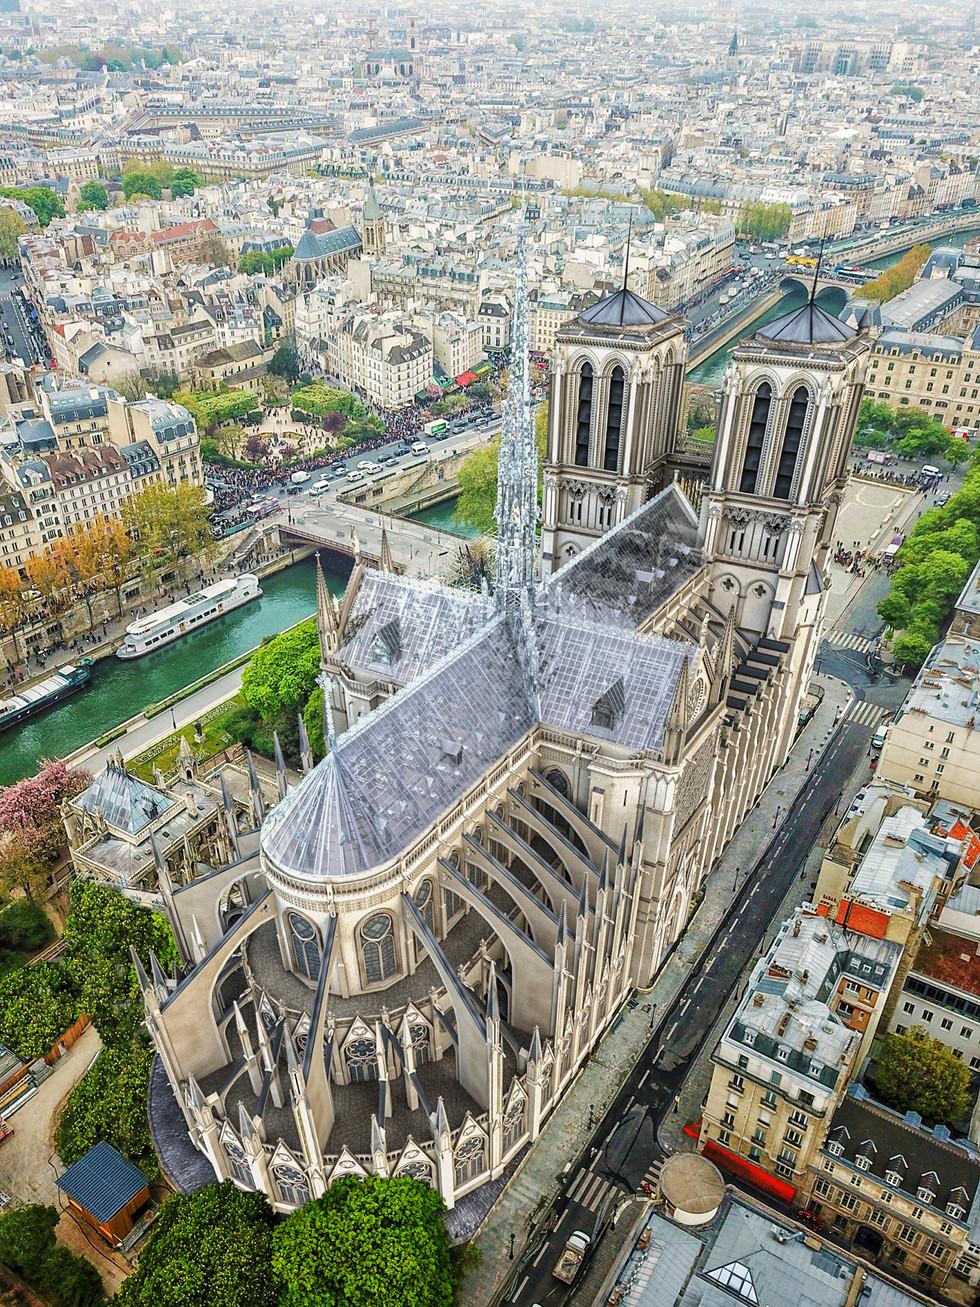 NotreDame_aerial_vislab.jpg